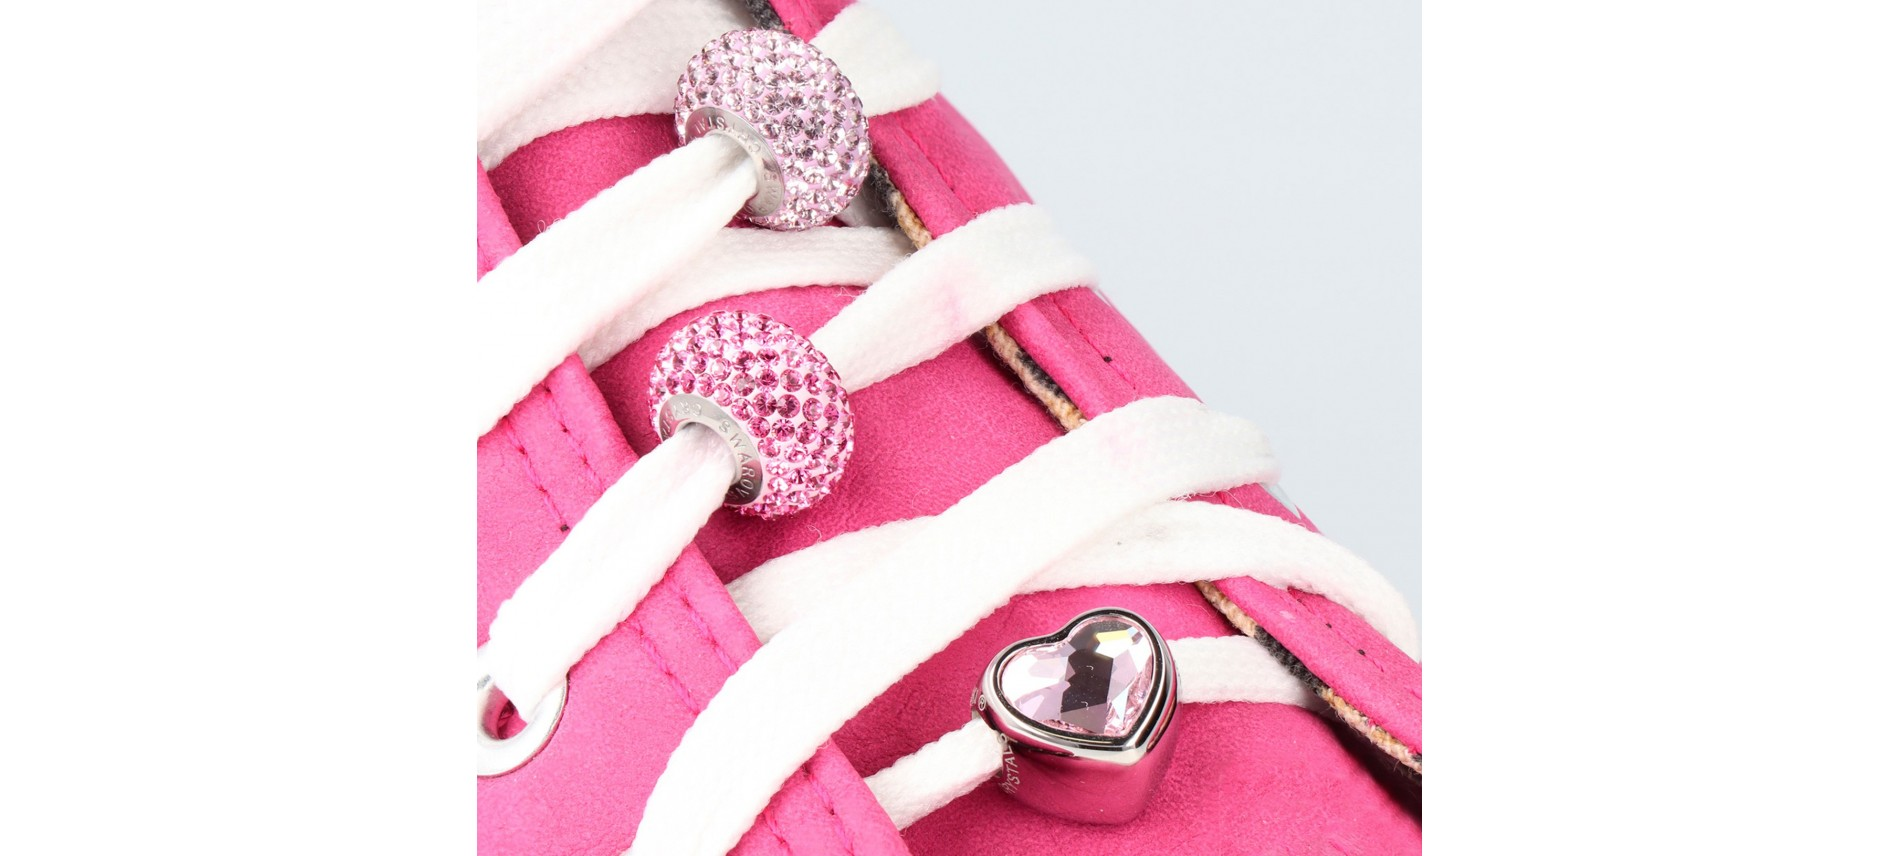 Comprar Charms Swarovski con cordones | Cord-On Shop